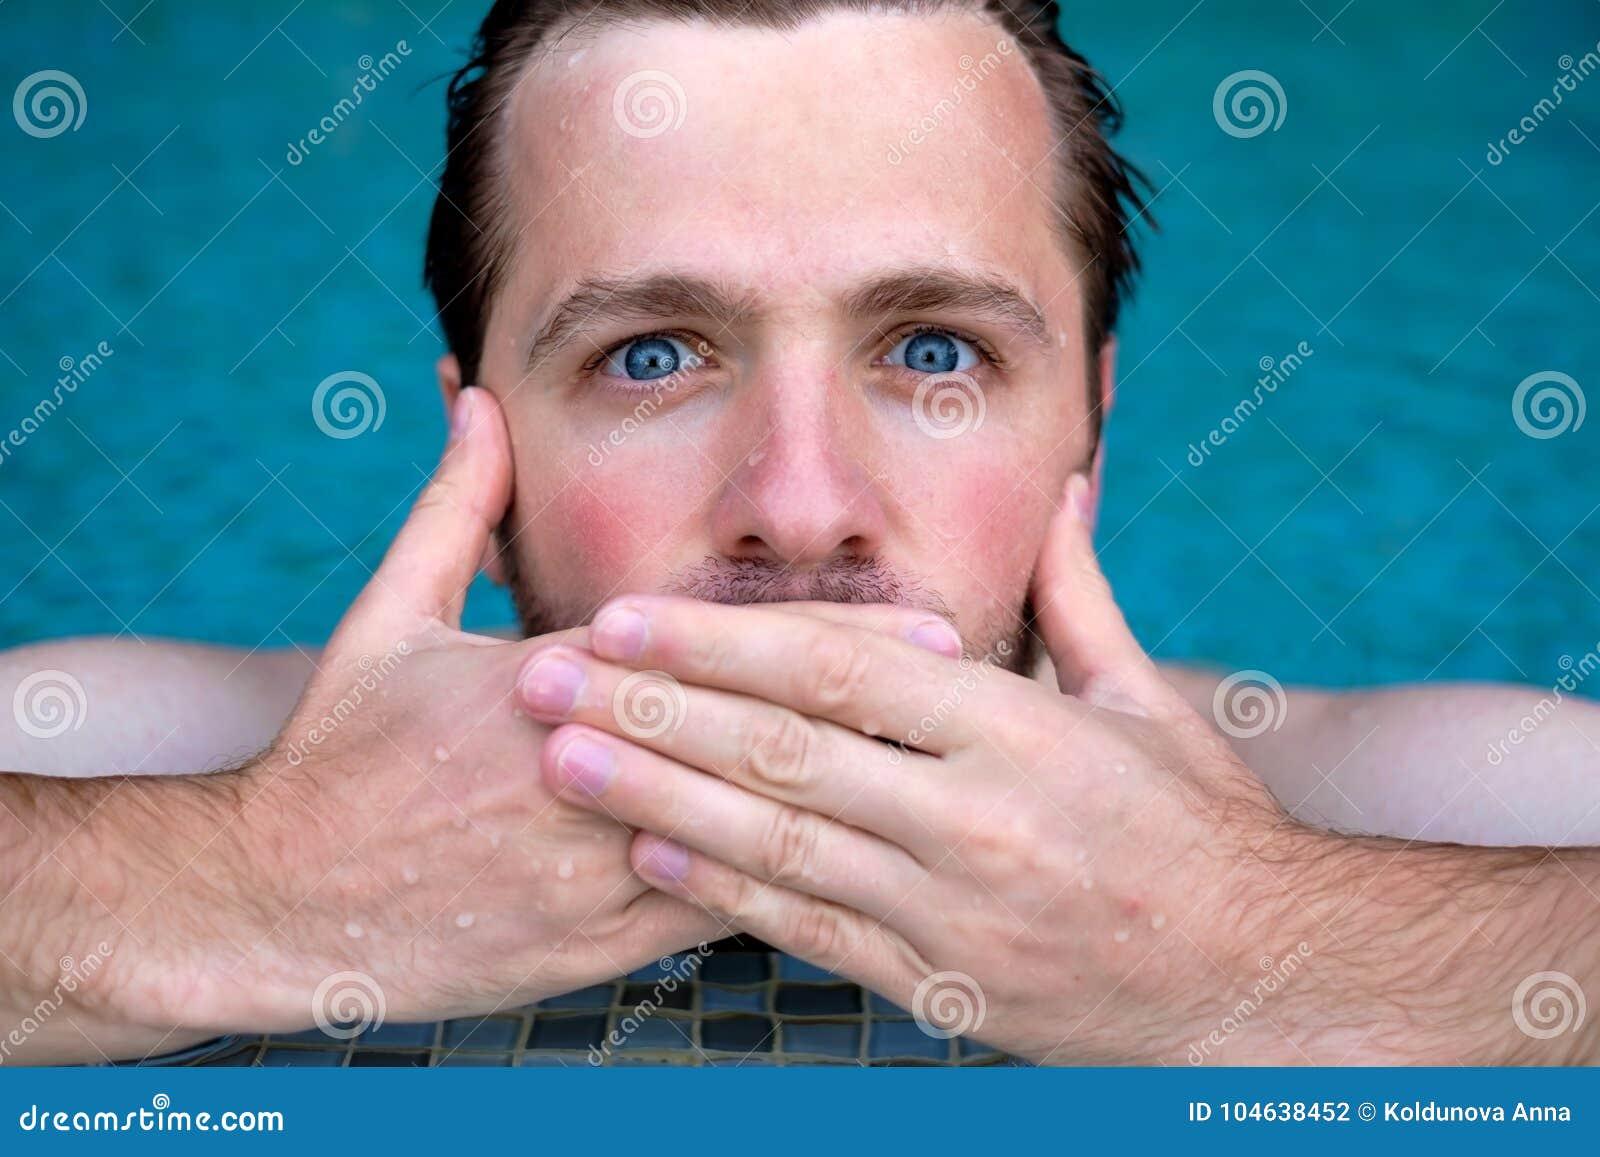 Download De Mens Is Geschokt Met Nieuws Hij Sluit Zijn Mond Hij Zwemt In Pool Tijdens Vakantie Stock Foto - Afbeelding bestaande uit volwassen, levensstijl: 104638452